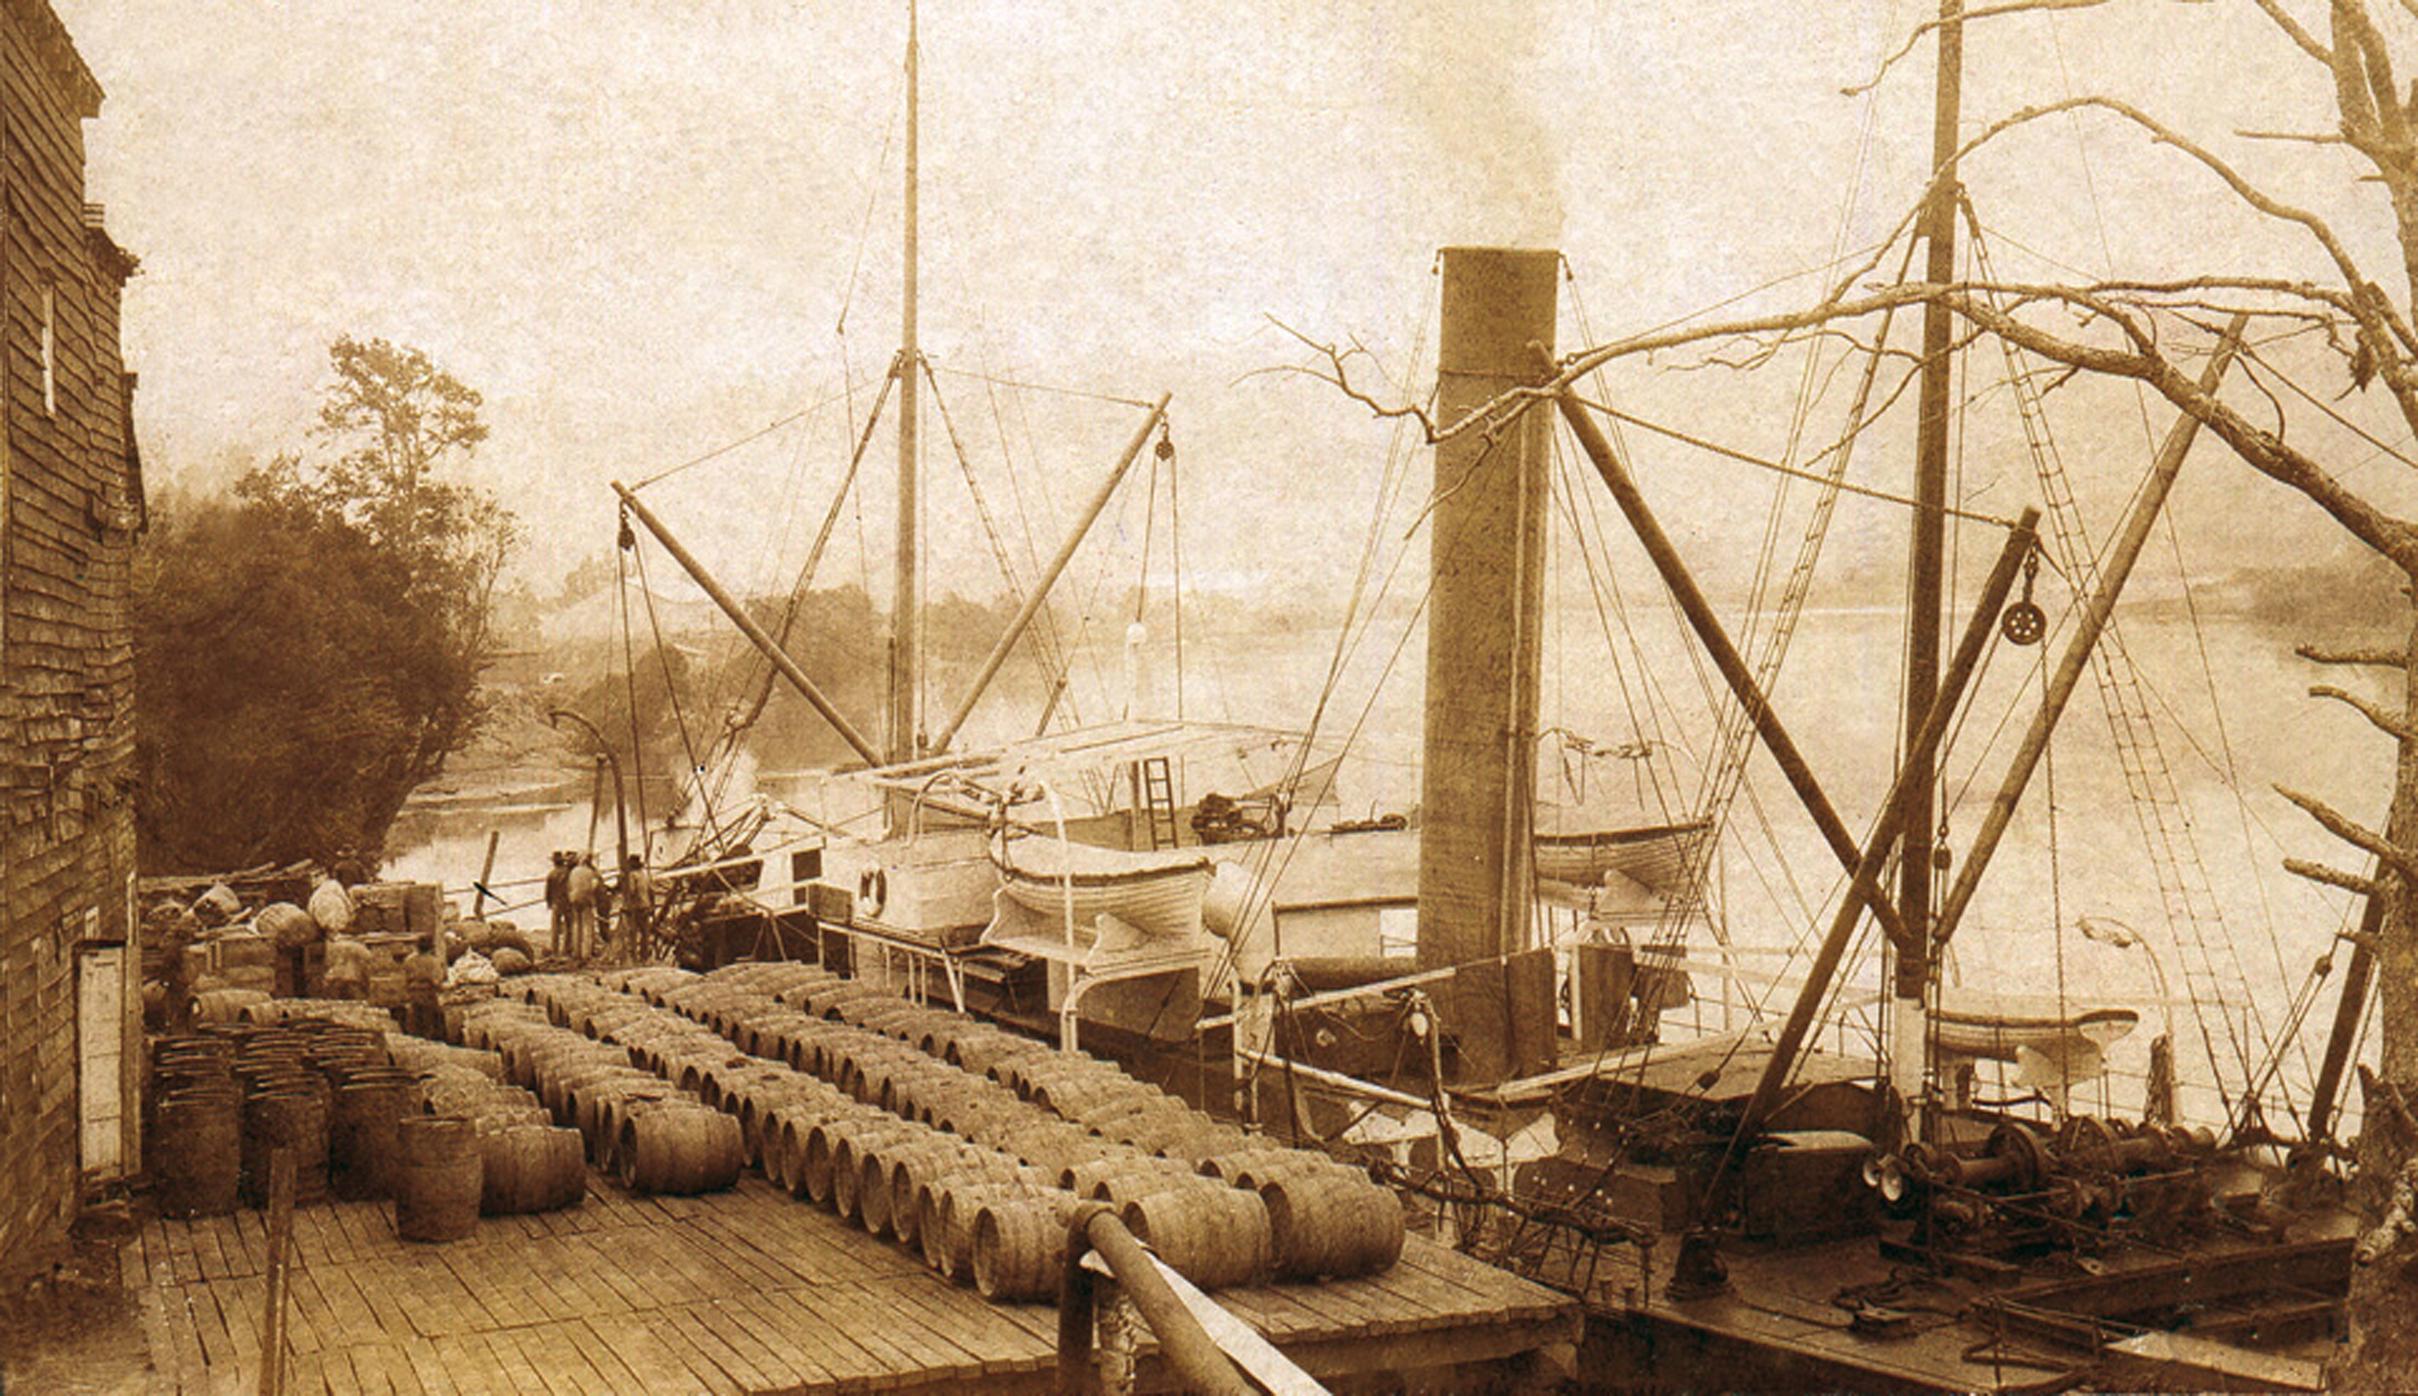 Enterreno - Fotos históricas de chile - fotos antiguas de Chile - Muelle Valck en el río Imperial, Carahue, 1905